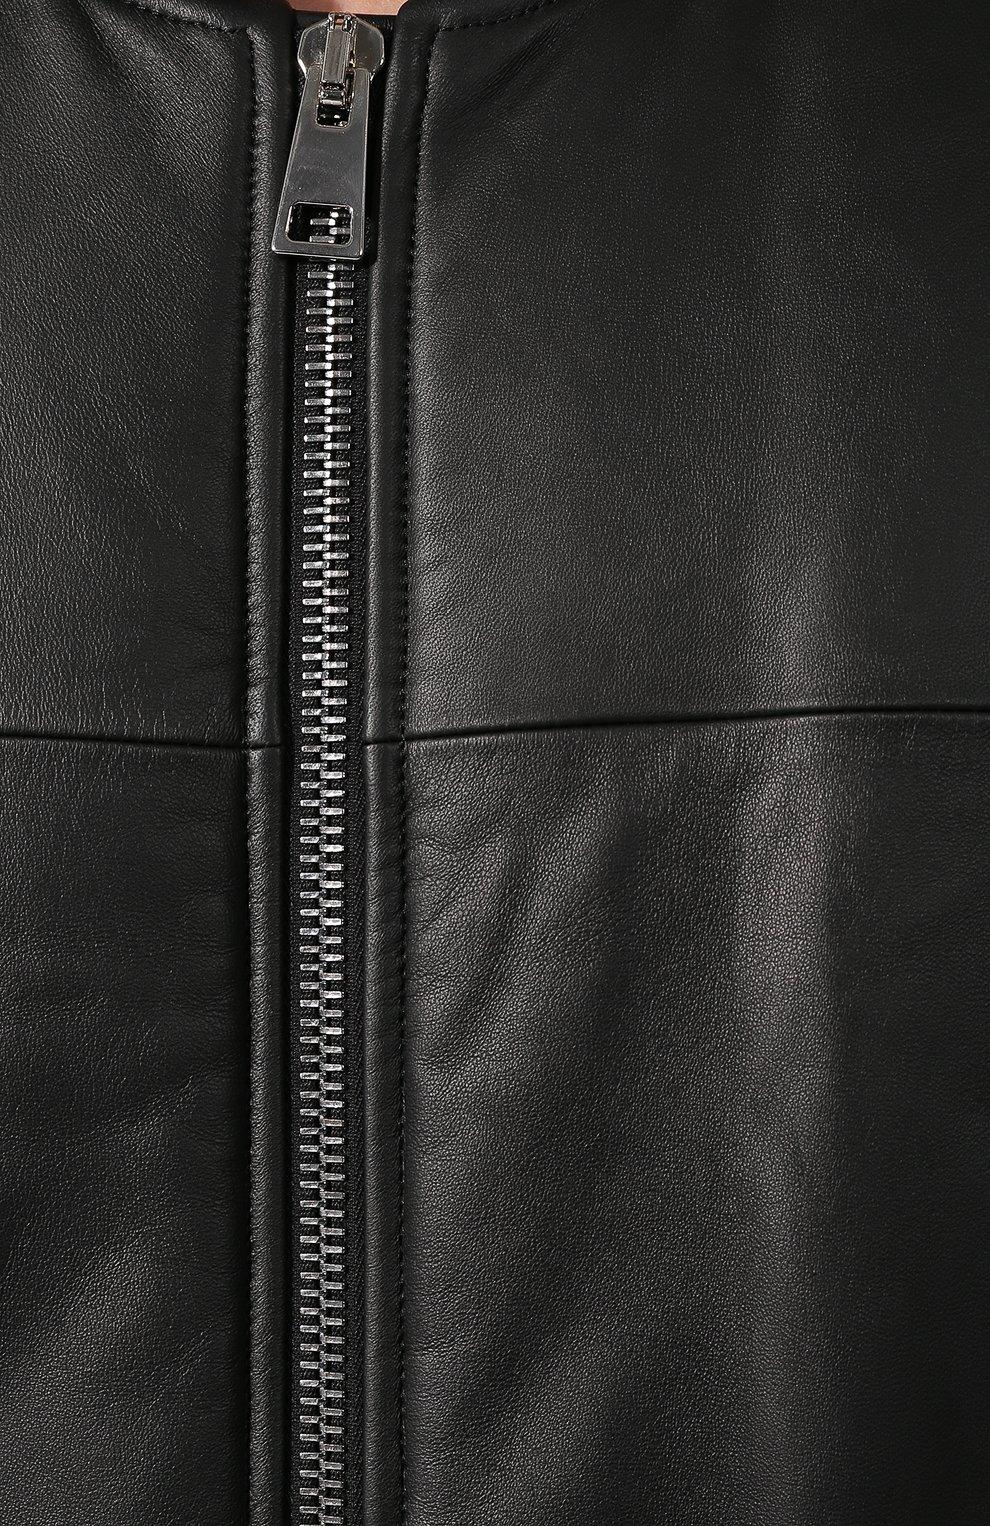 Мужской кожаный бомбер BOTTEGA VENETA черного цвета, арт. 602175/VK0L0 | Фото 5